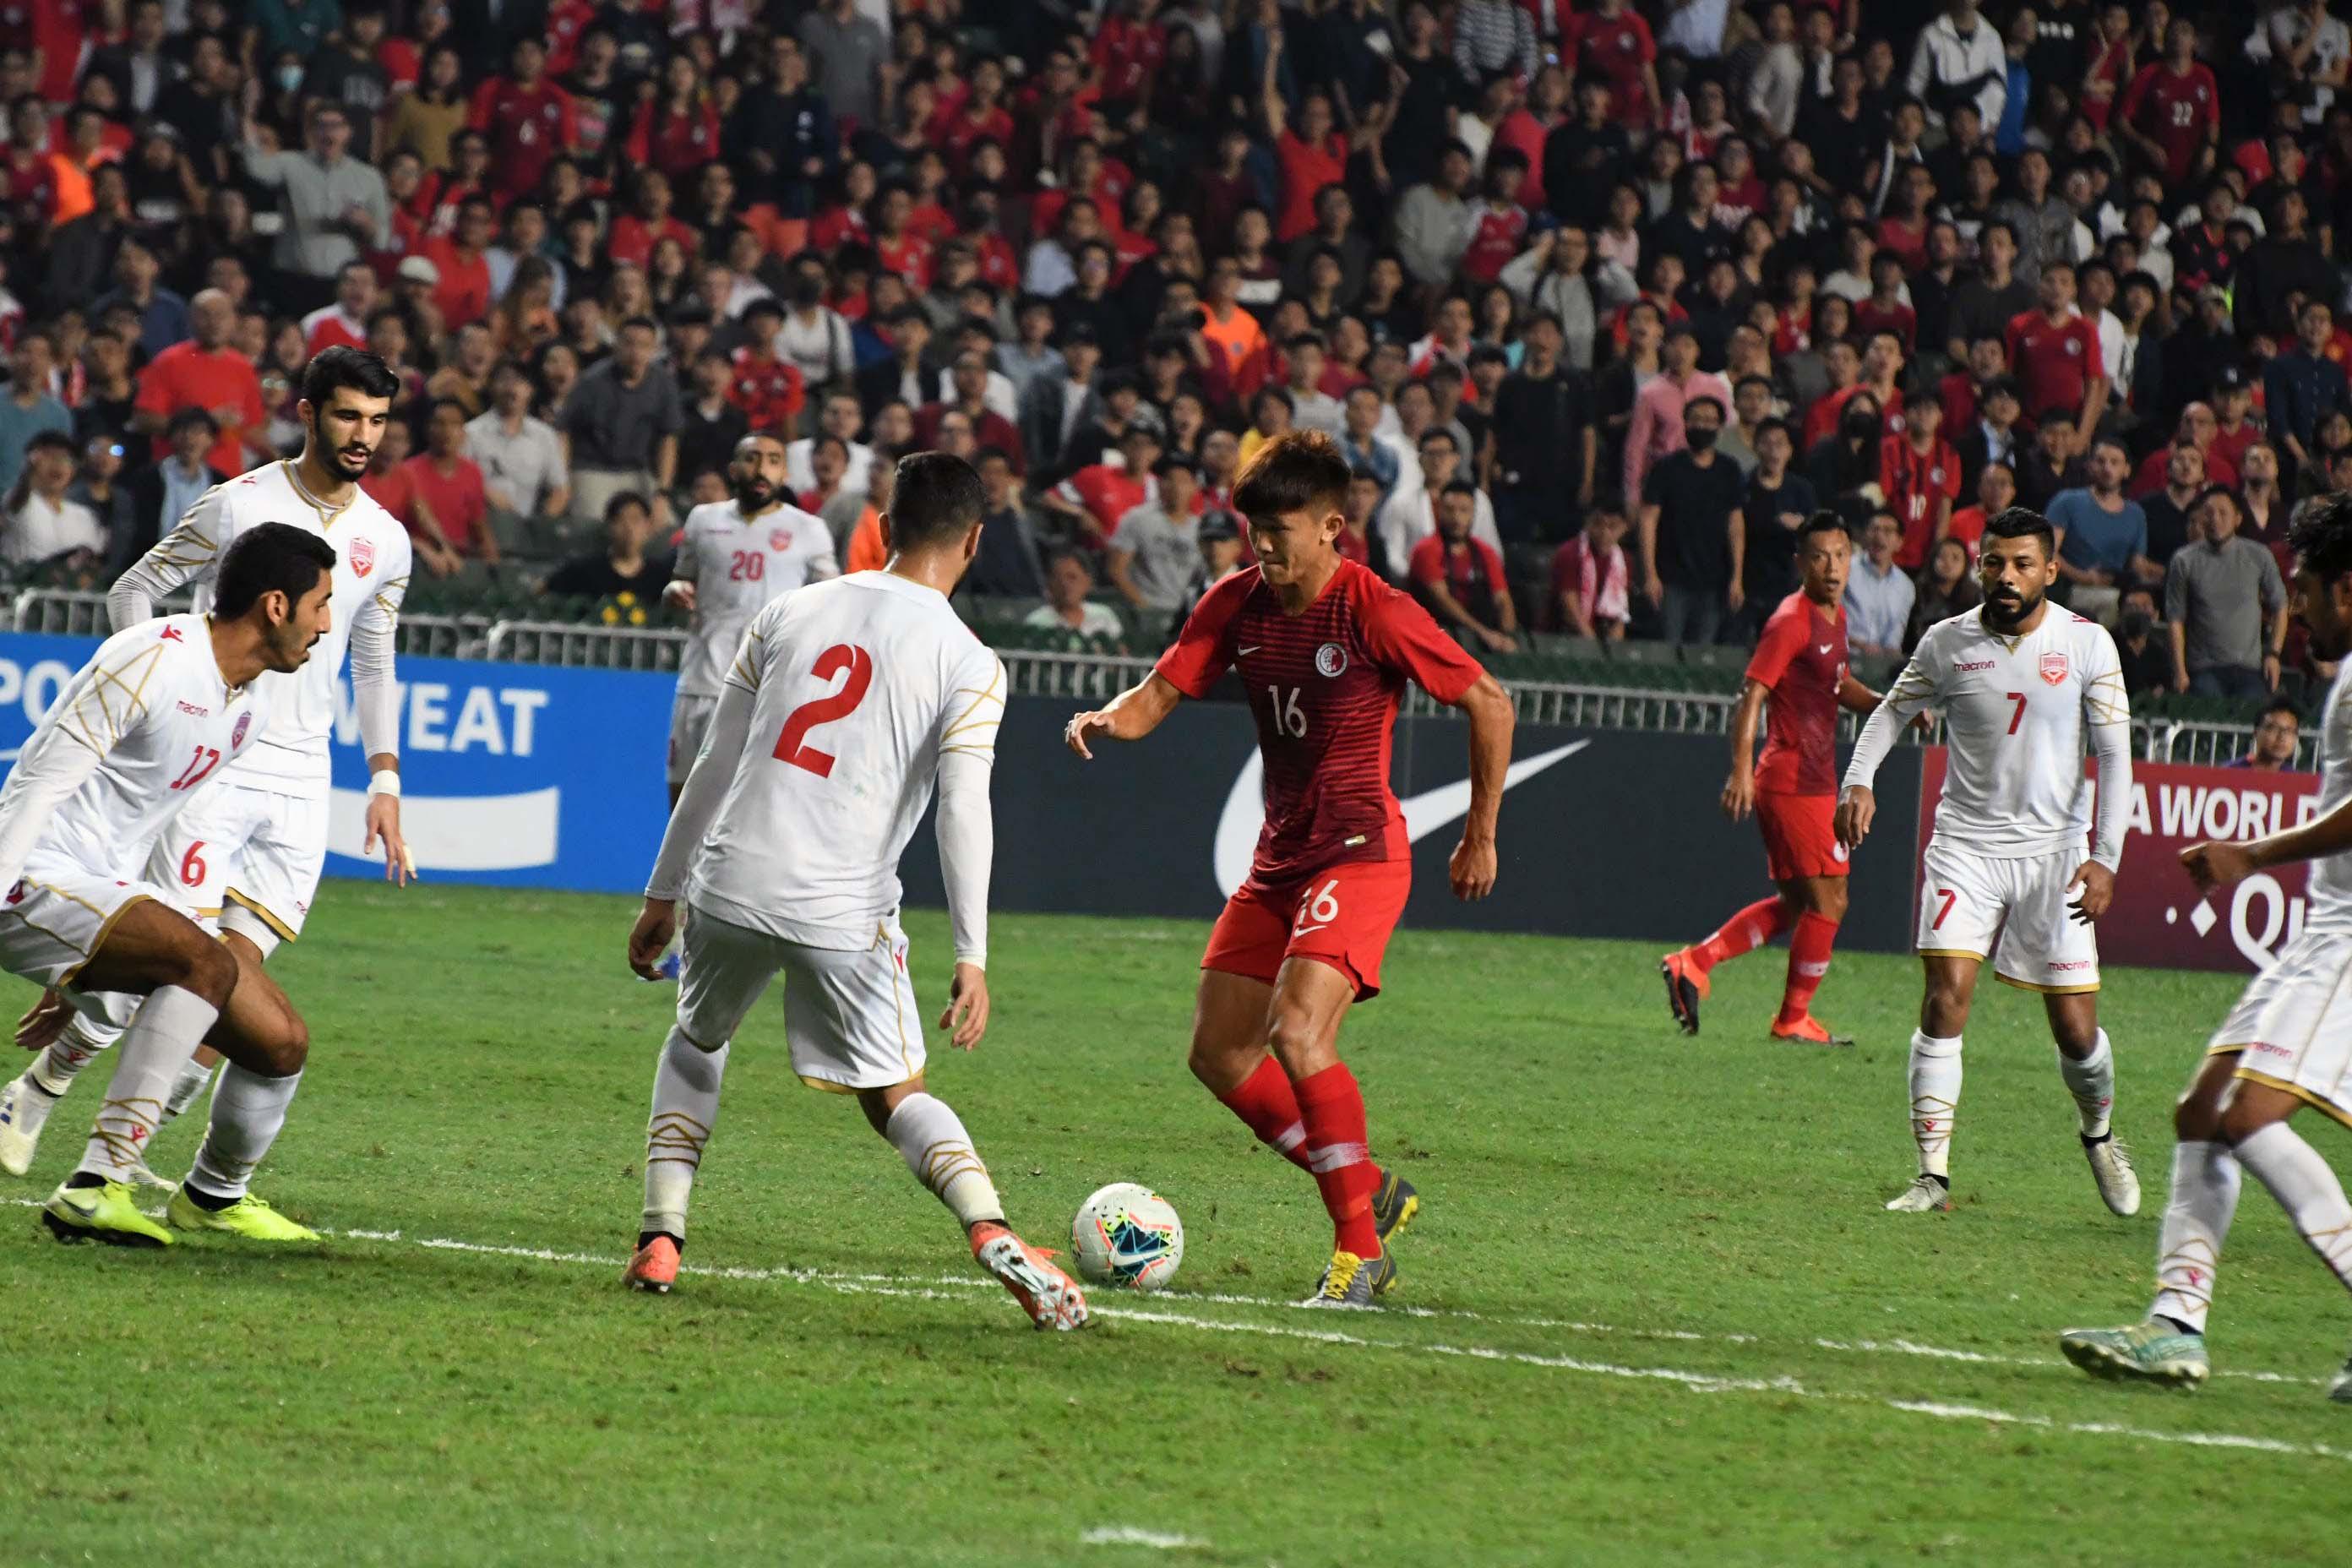 陳俊樂(紅衫)於中場表現活躍。郭晉朗攝